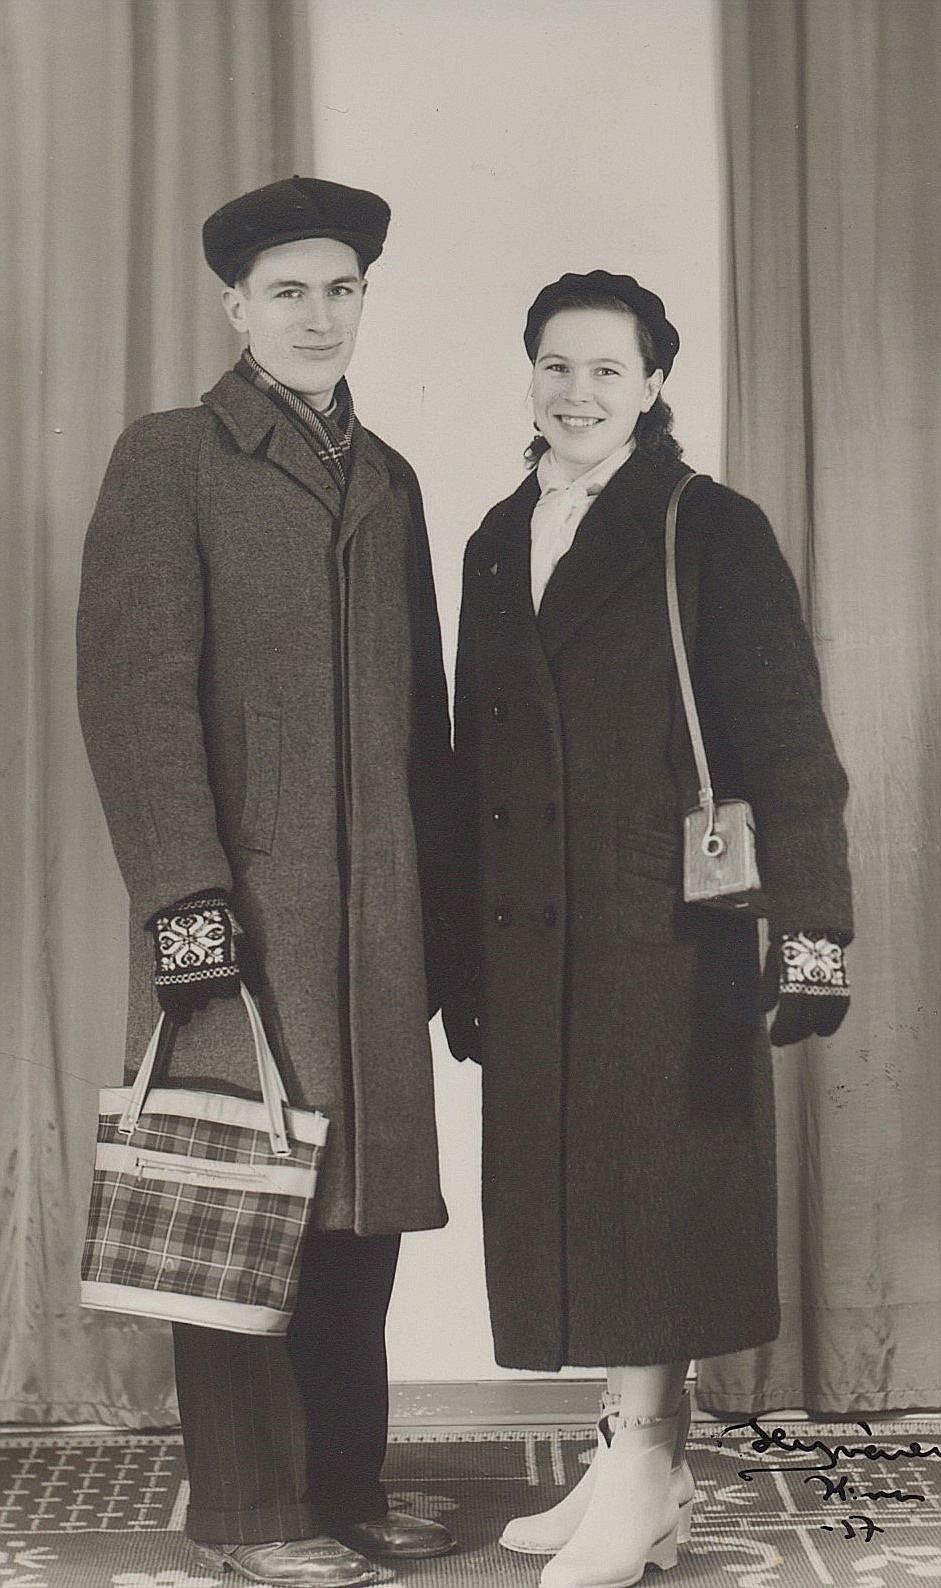 På Hyvönens foto från 1957 så står Ruben och Ellen Ånäs. Ellen har den nyinköpta kameran under armen.